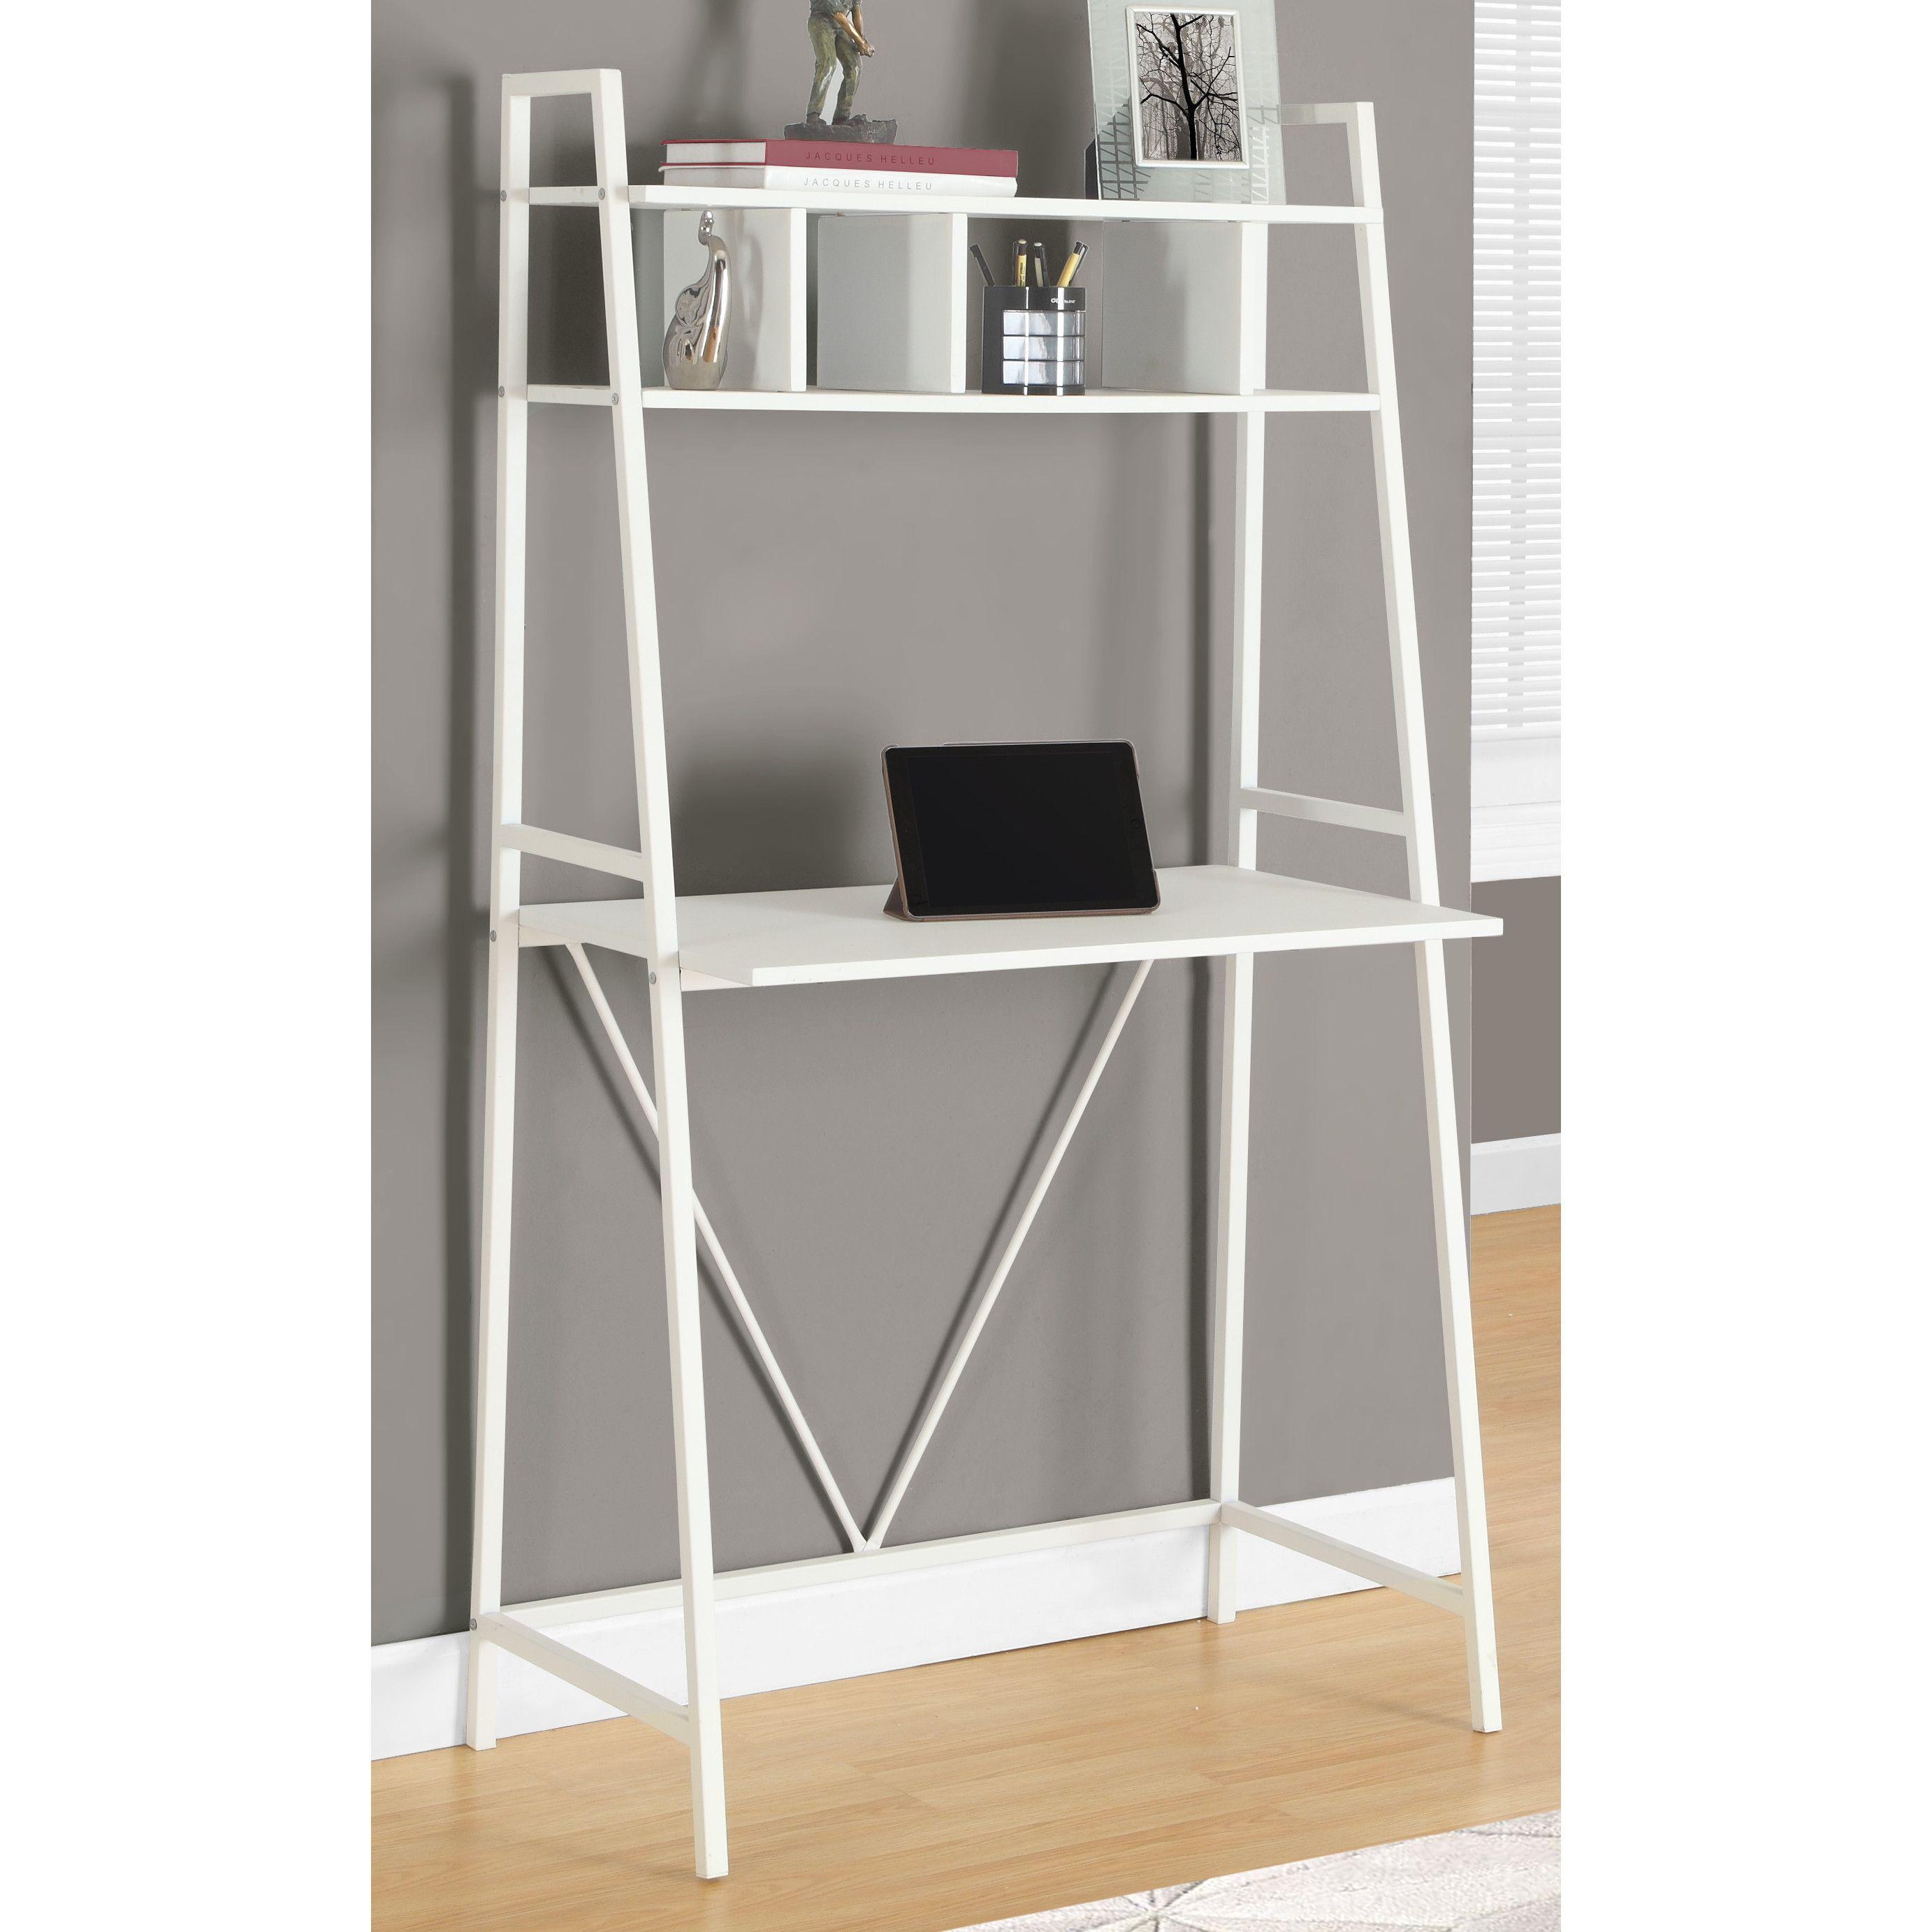 Ladder desk dream home pinterest desks bedrooms and living rooms